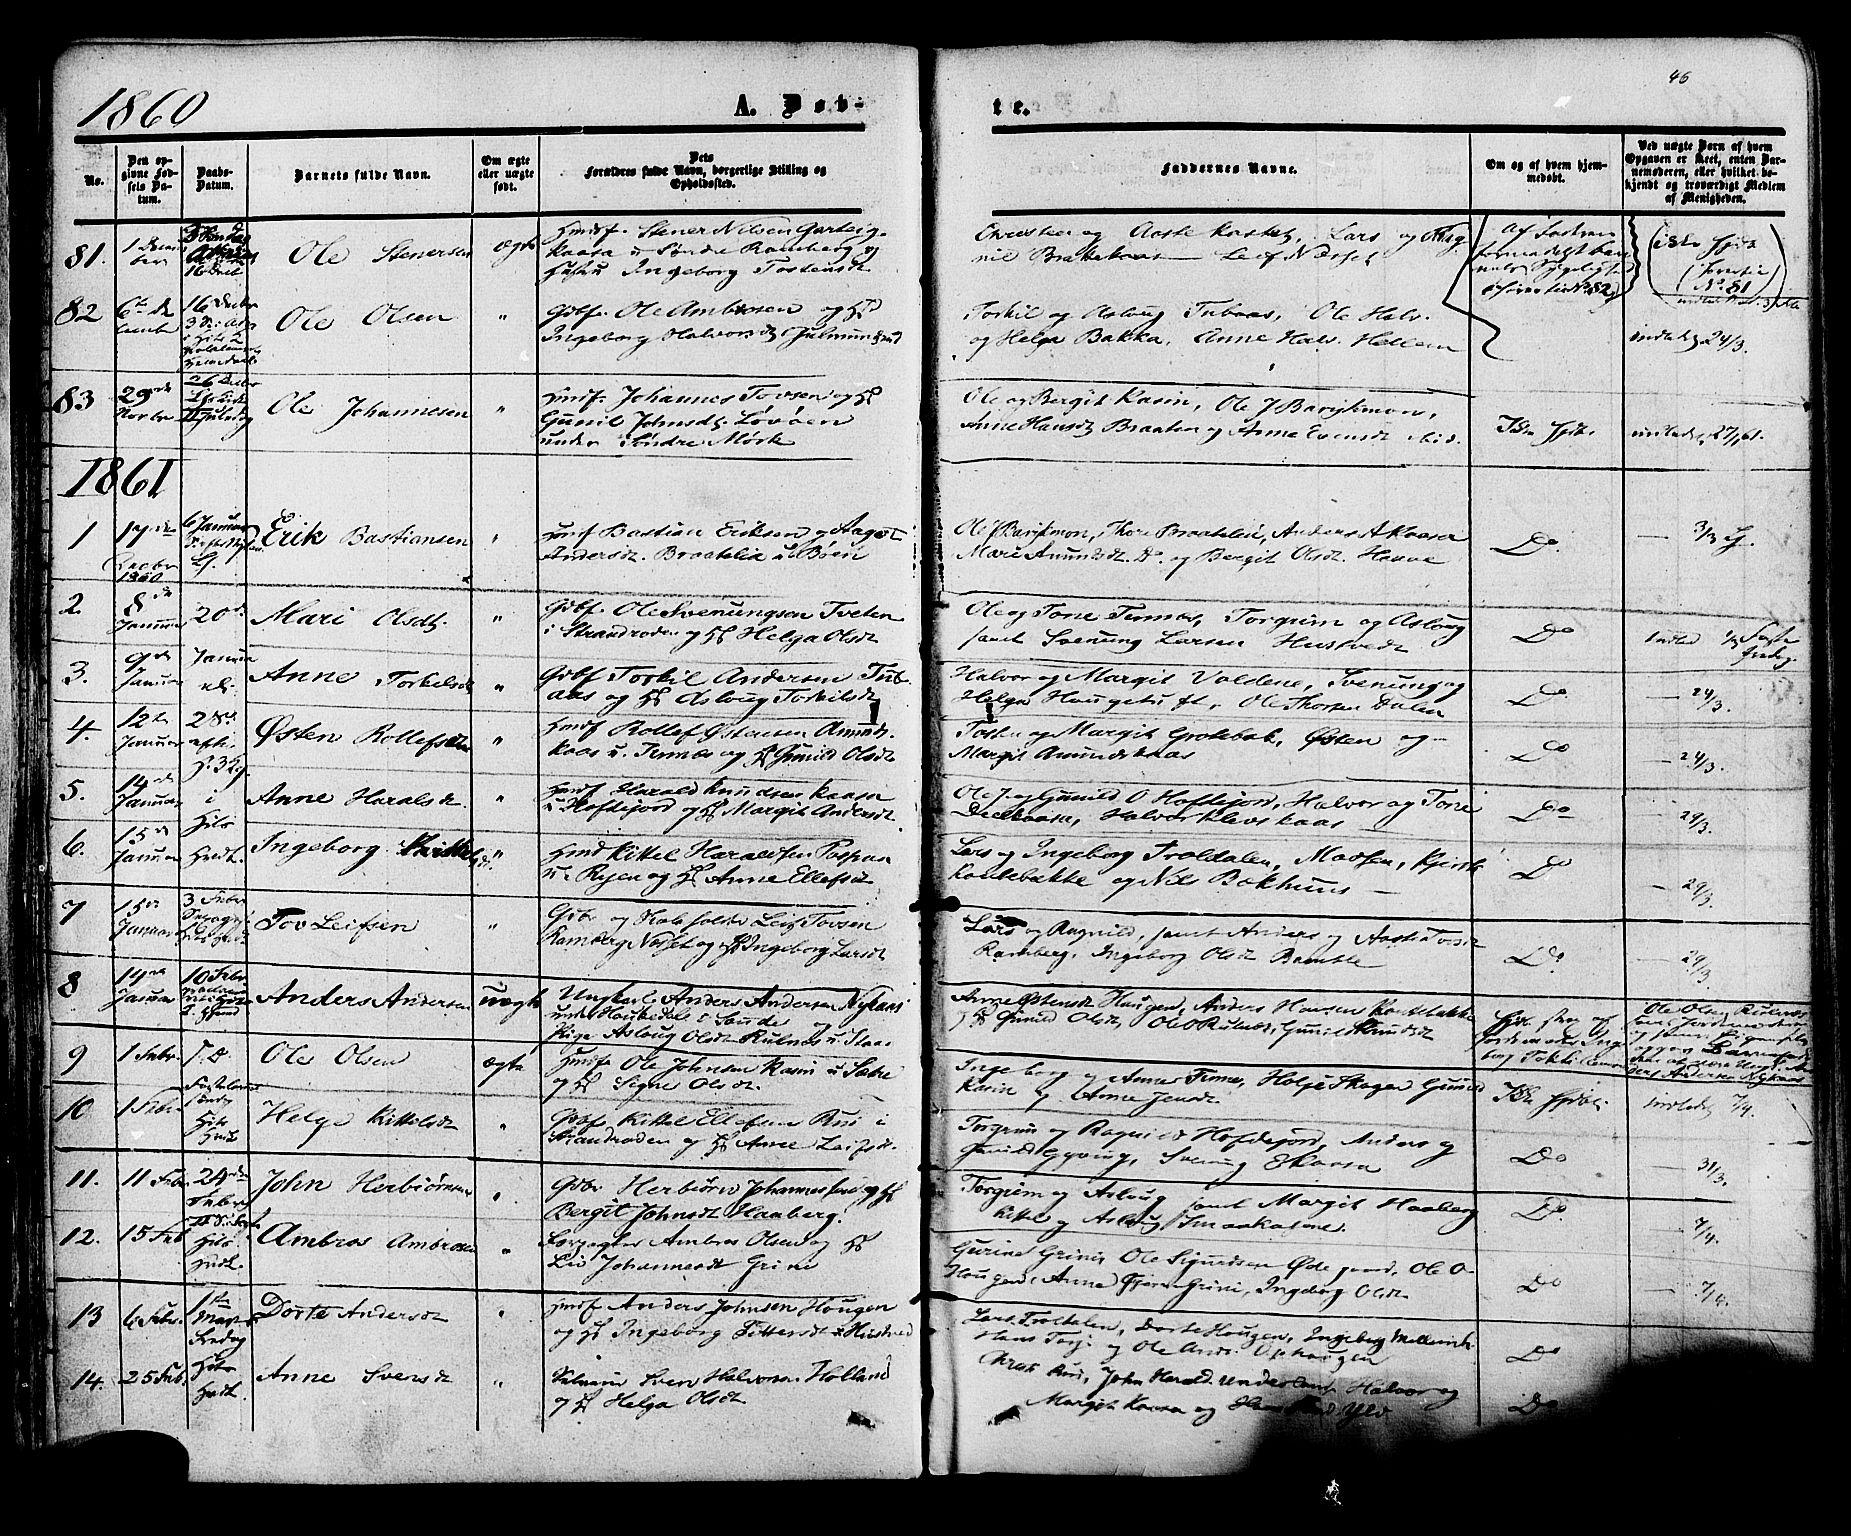 SAKO, Heddal kirkebøker, F/Fa/L0007: Ministerialbok nr. I 7, 1855-1877, s. 46